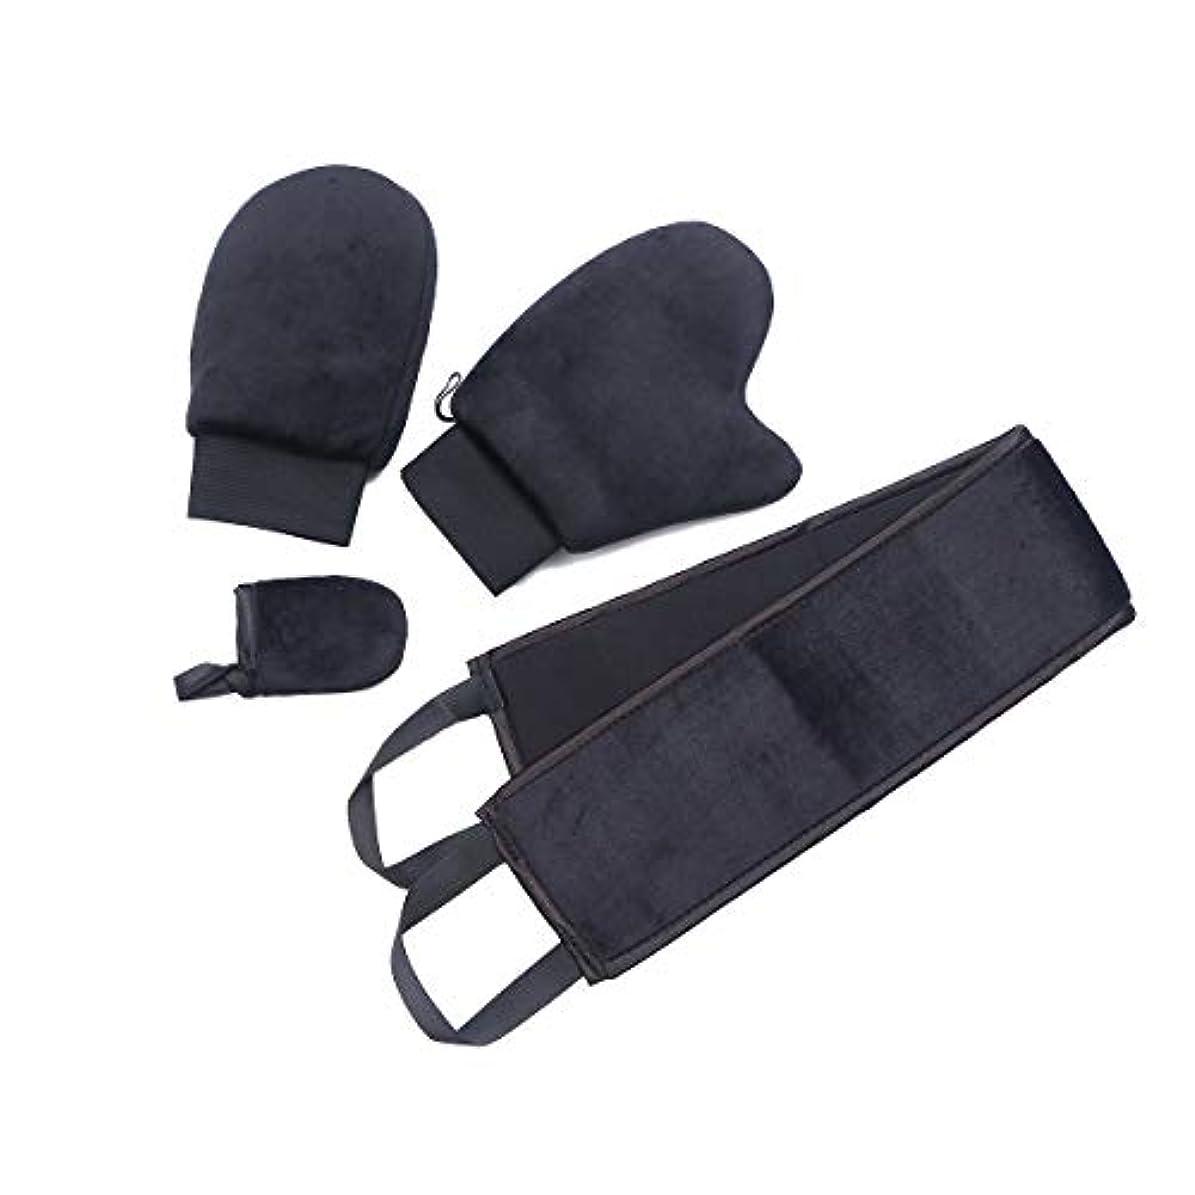 究極の陽気な今後SUPVOX 4ピース化粧落とし手袋こすり手袋顔面クリーニングタオル布スパミットソフト洗浄ツール